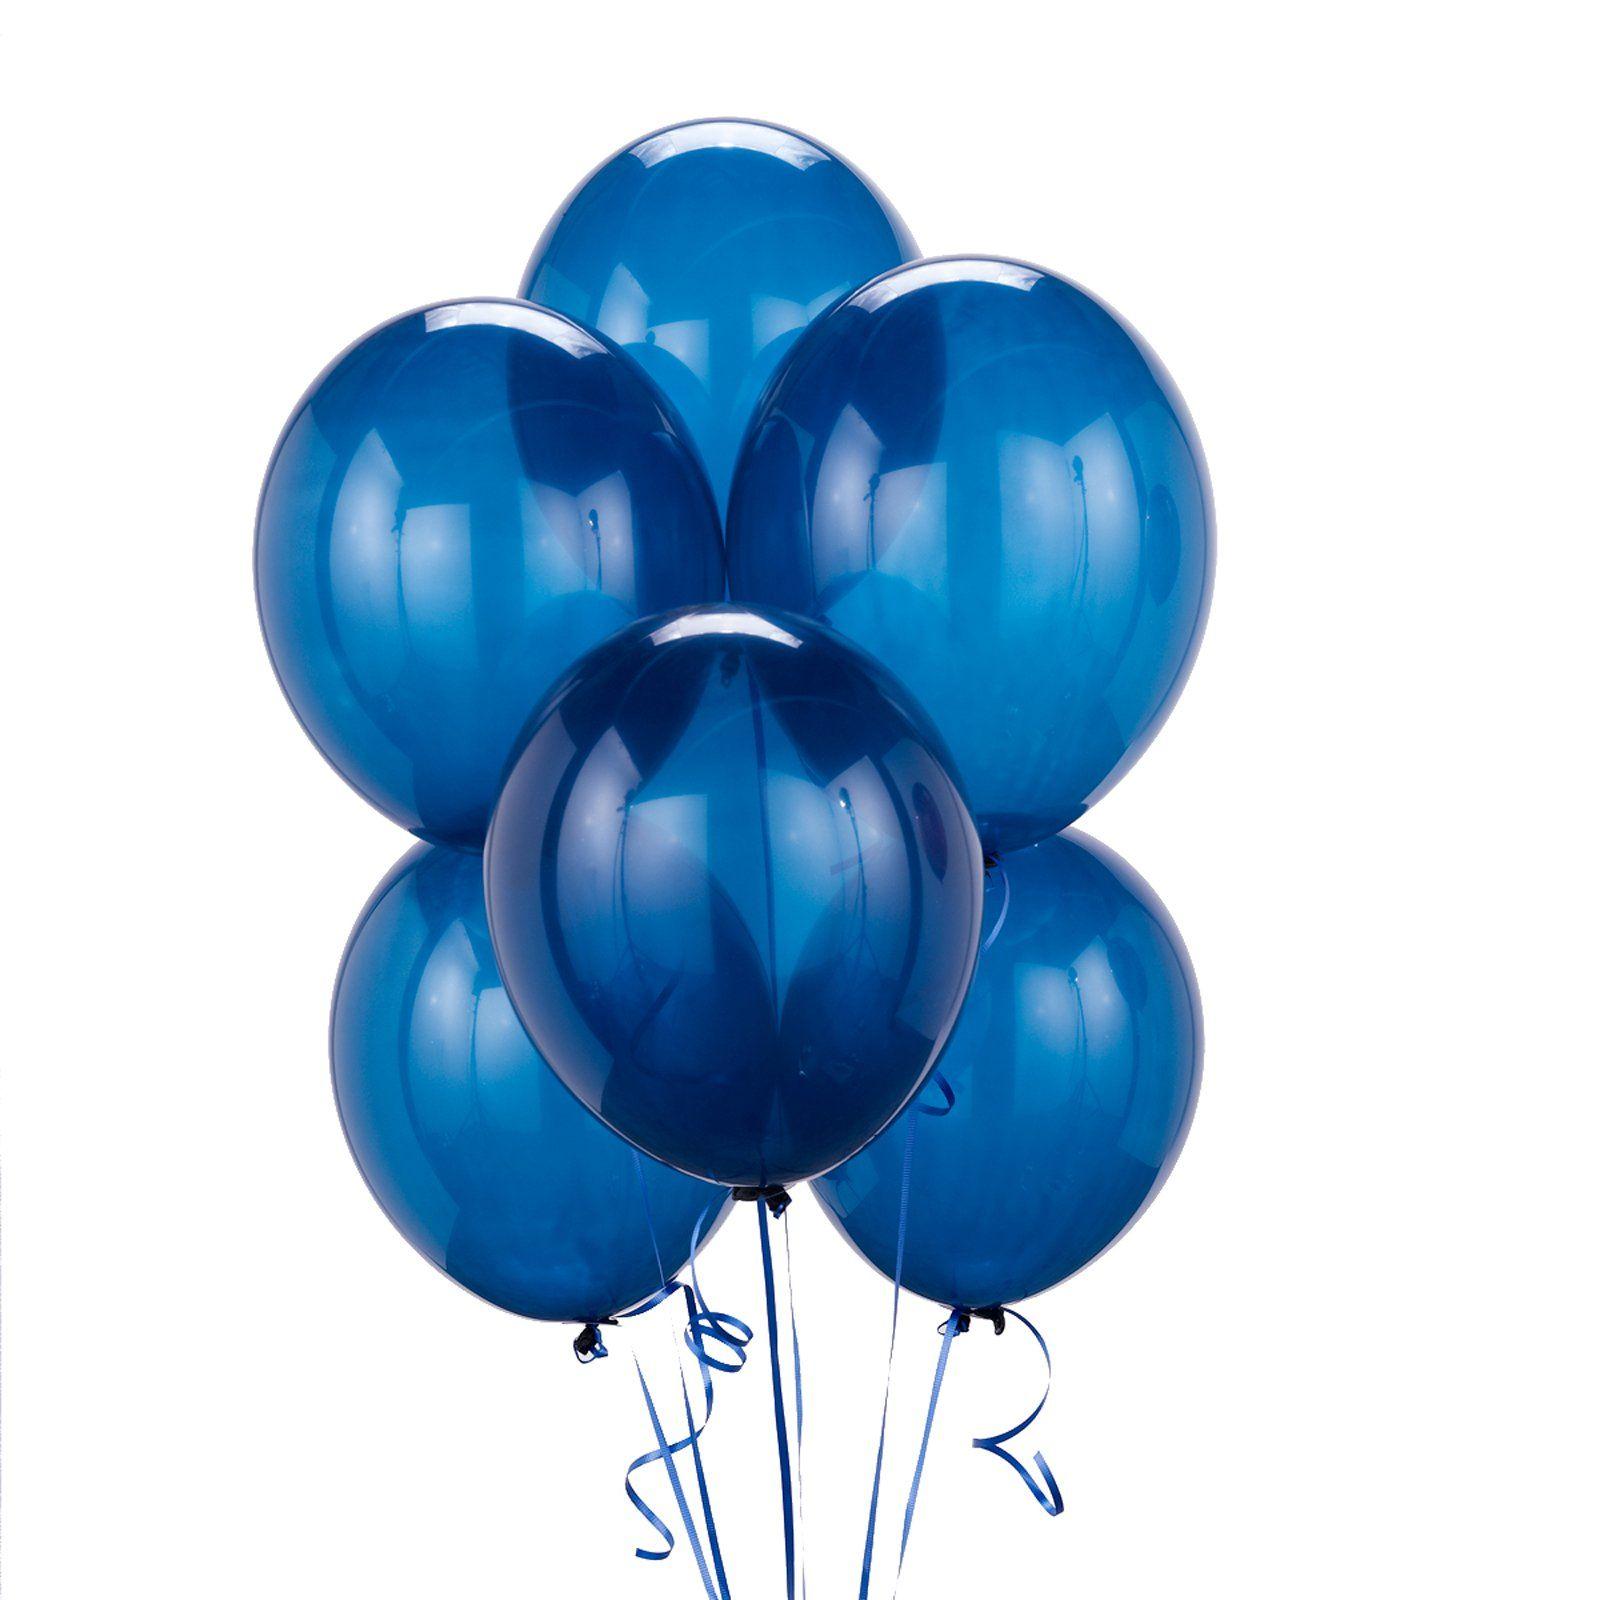 синие шары с днем рождения картинки любой другой